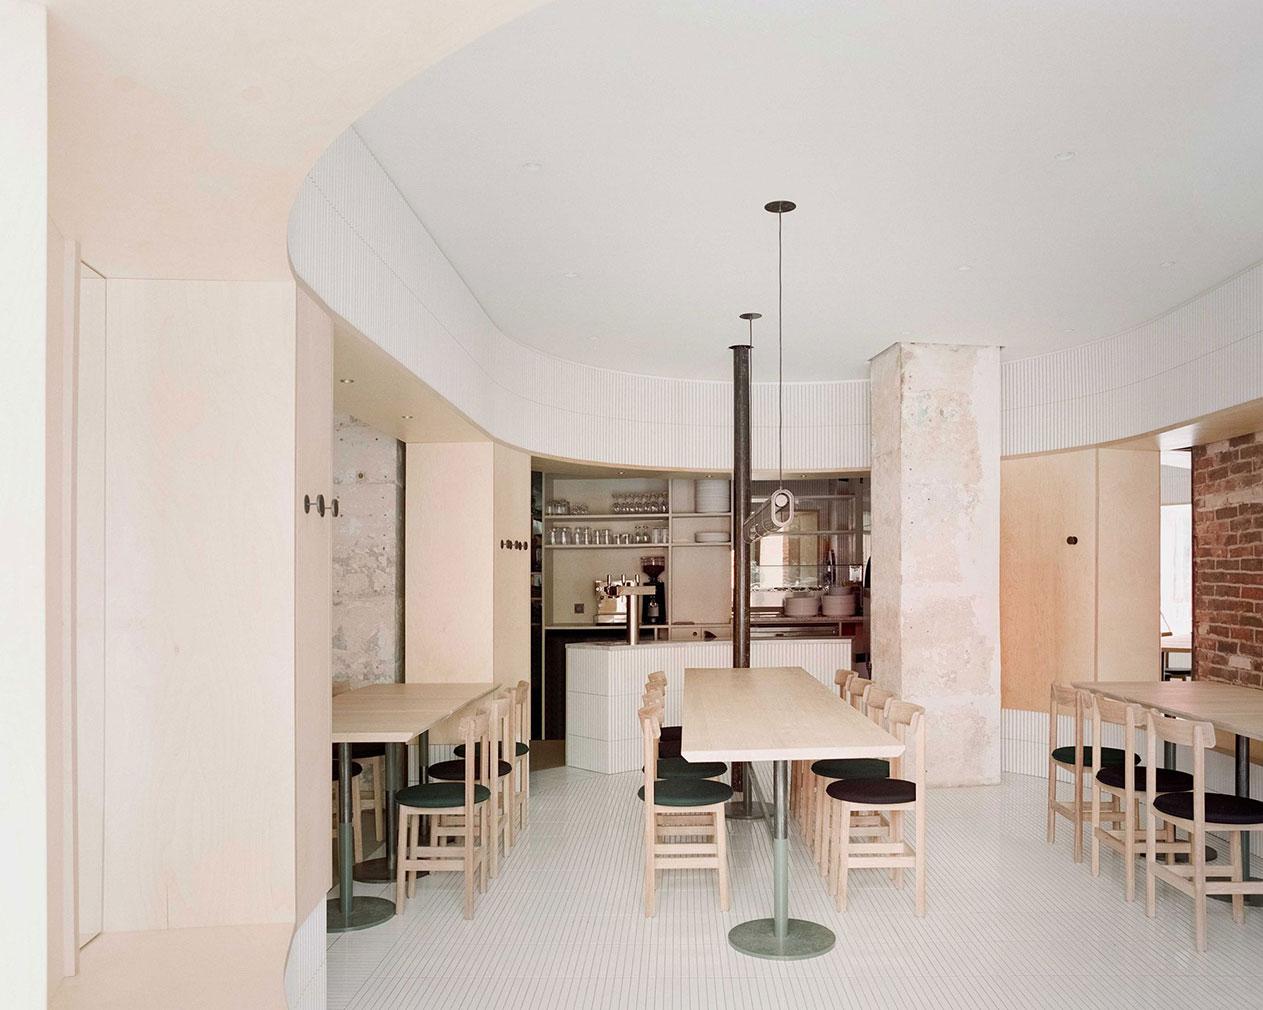 Neri&Hu designed the minimalist Papi restaurant in Paris